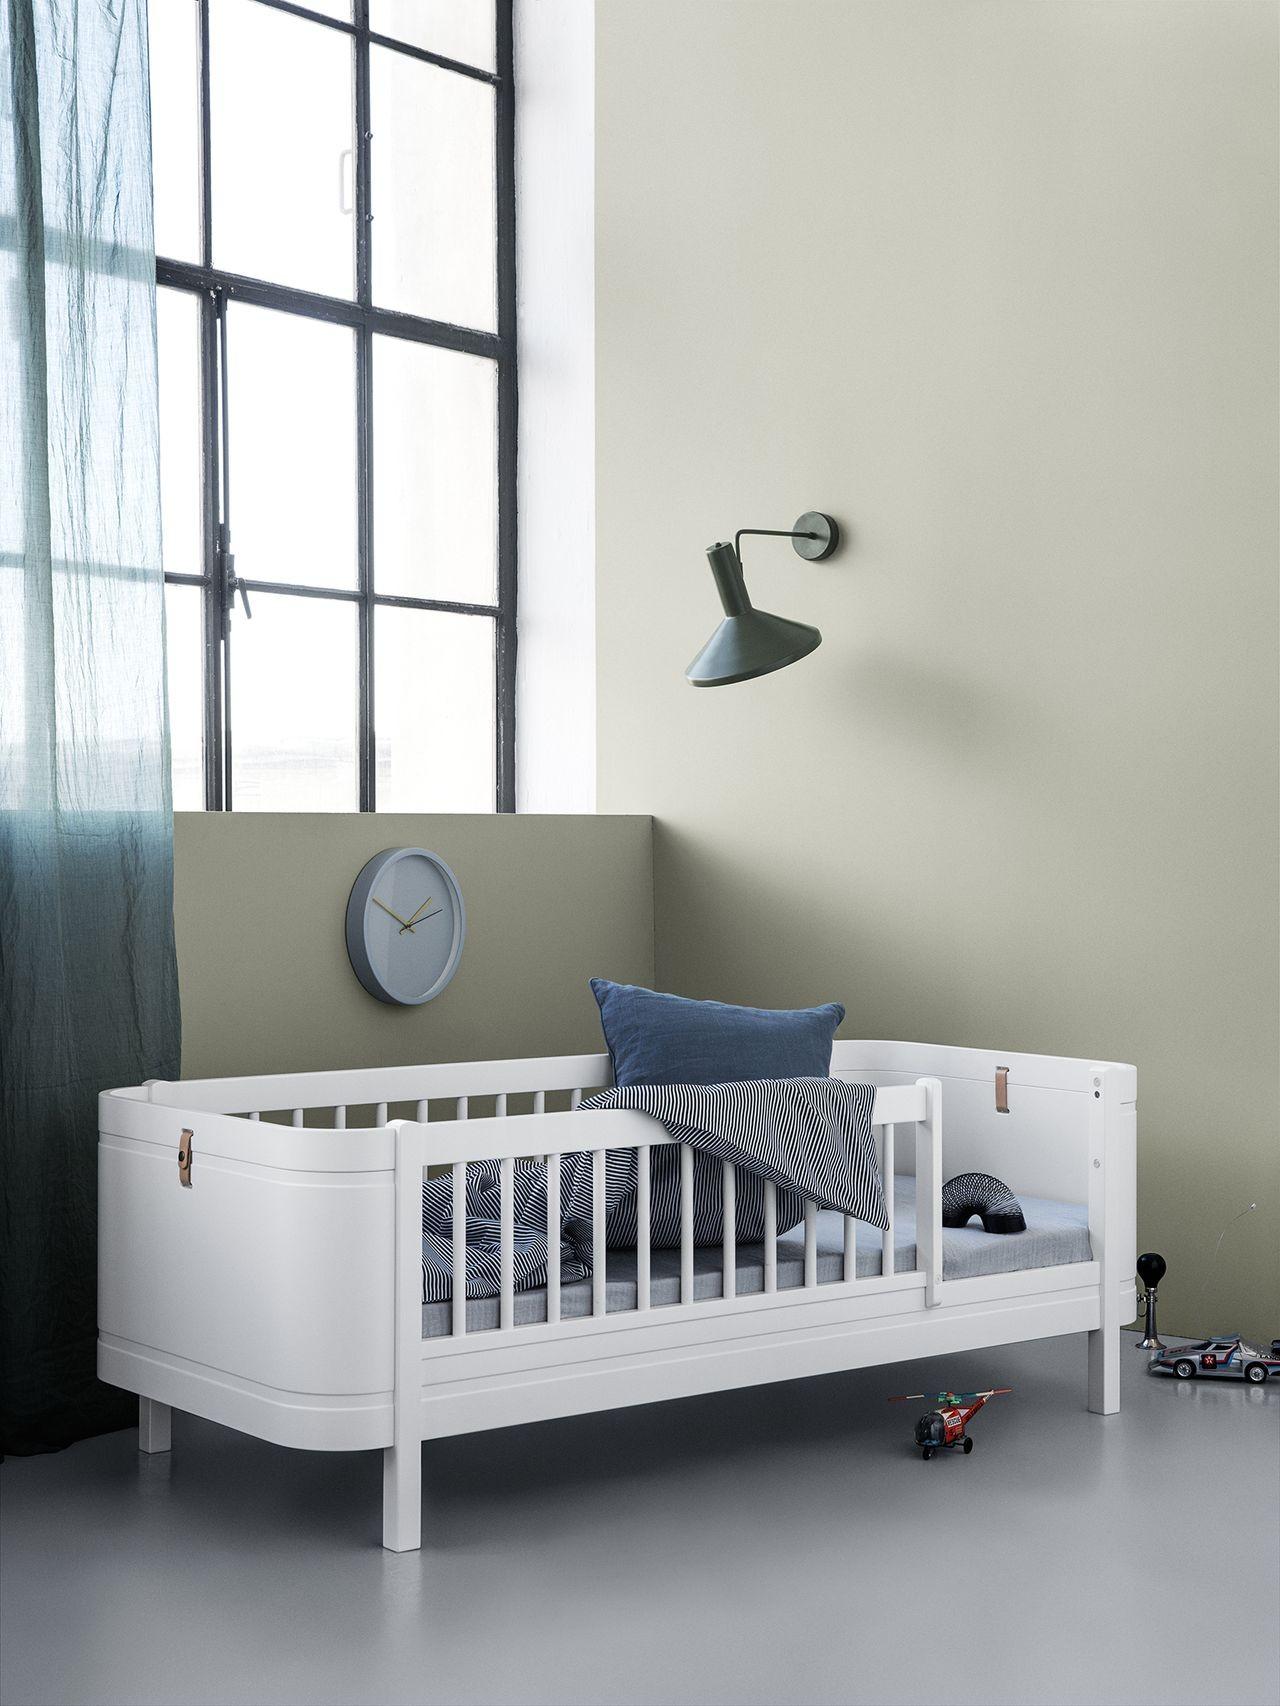 Juniorbett von Oliver Furniture kaufen - Kleine Fabriek